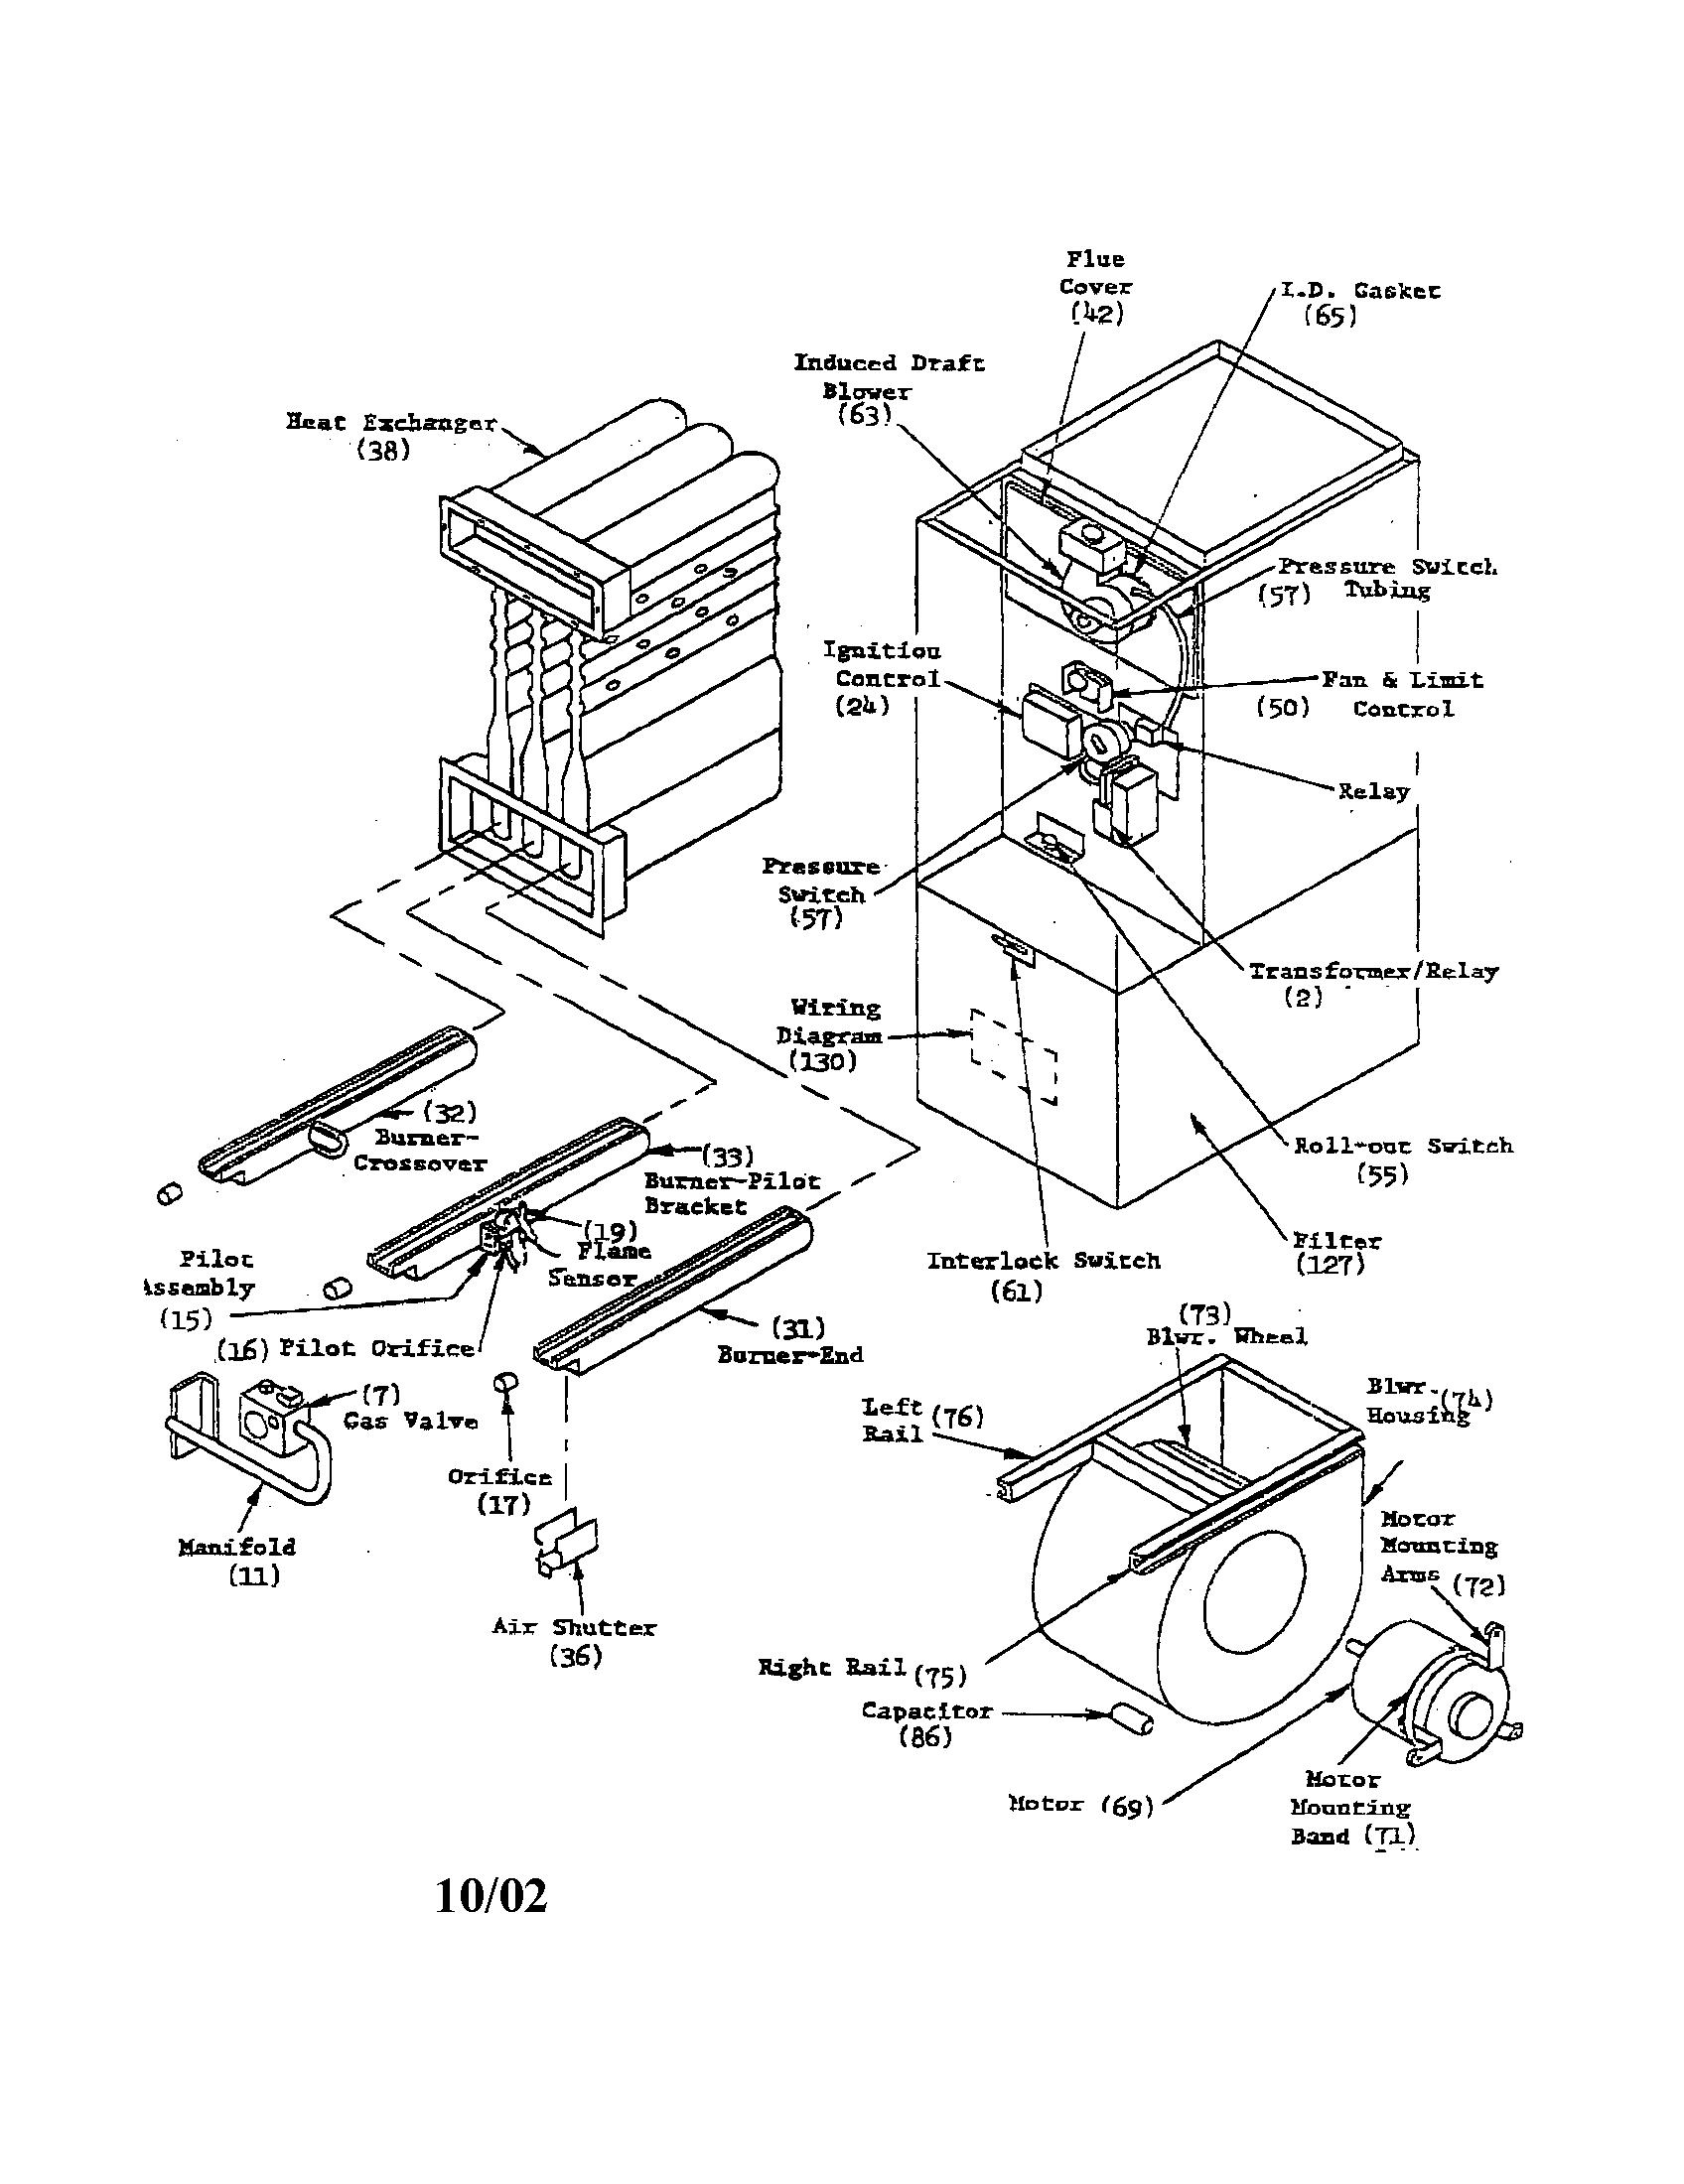 goodman heating wiring diagram free download zd 1974  wiring diagram for a goodman furnace wiring diagram  goodman furnace wiring diagram